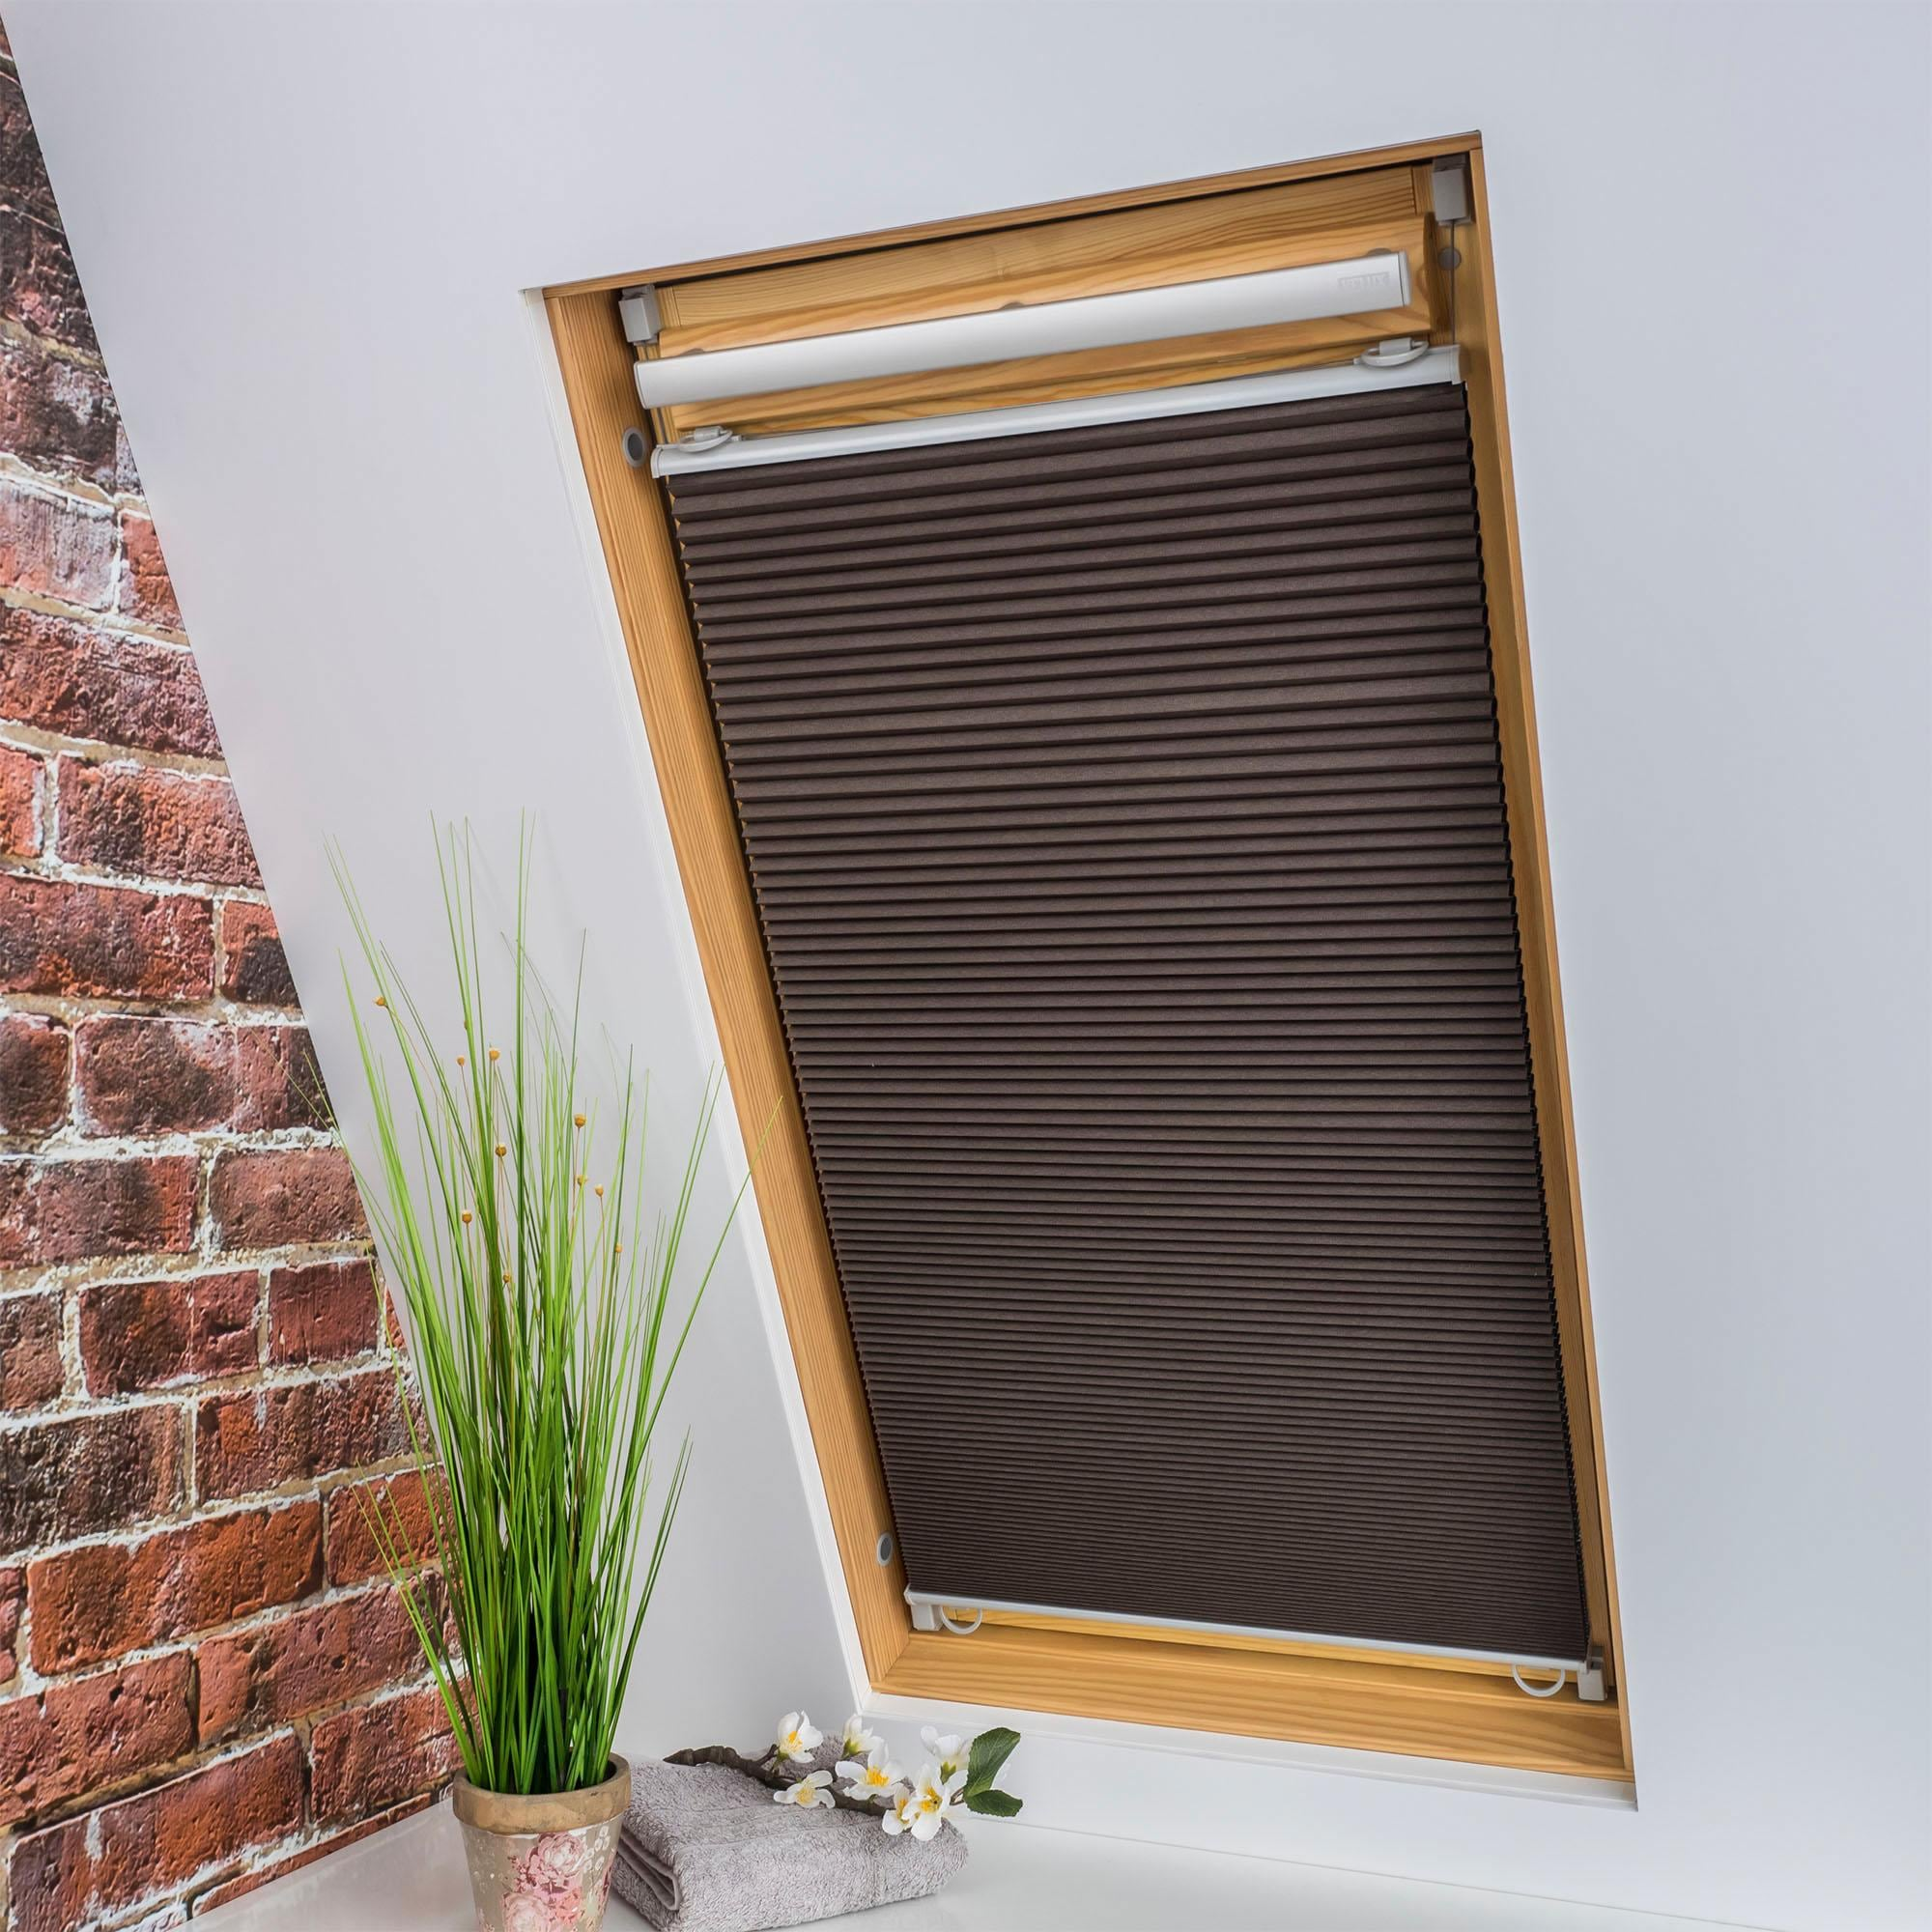 Dachfensterplissee Universal Dachfenster-Plissee Liedeco verdunkelnd ohne Bohren verspannt Wohnen/Wohntextilien/Rollos & Jalousien/Plissees/Plissees ohne Bohren